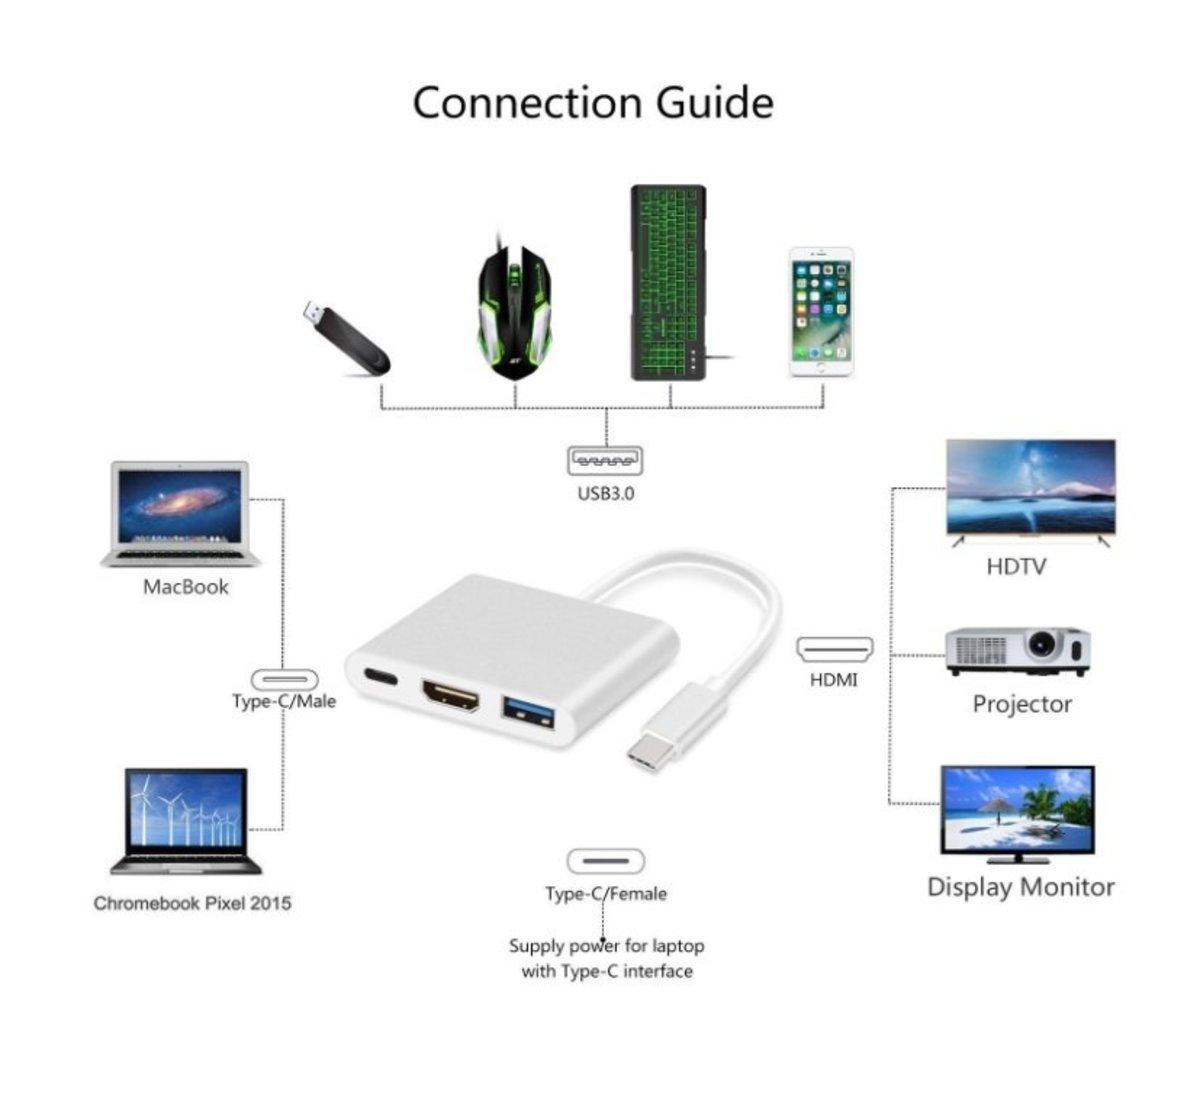 3合1 Type-C 4K HDMI UBS 3.1,USB 3.0 HUB,USB-C 充電端口OTG 轉接器 適用於Apple MacBook